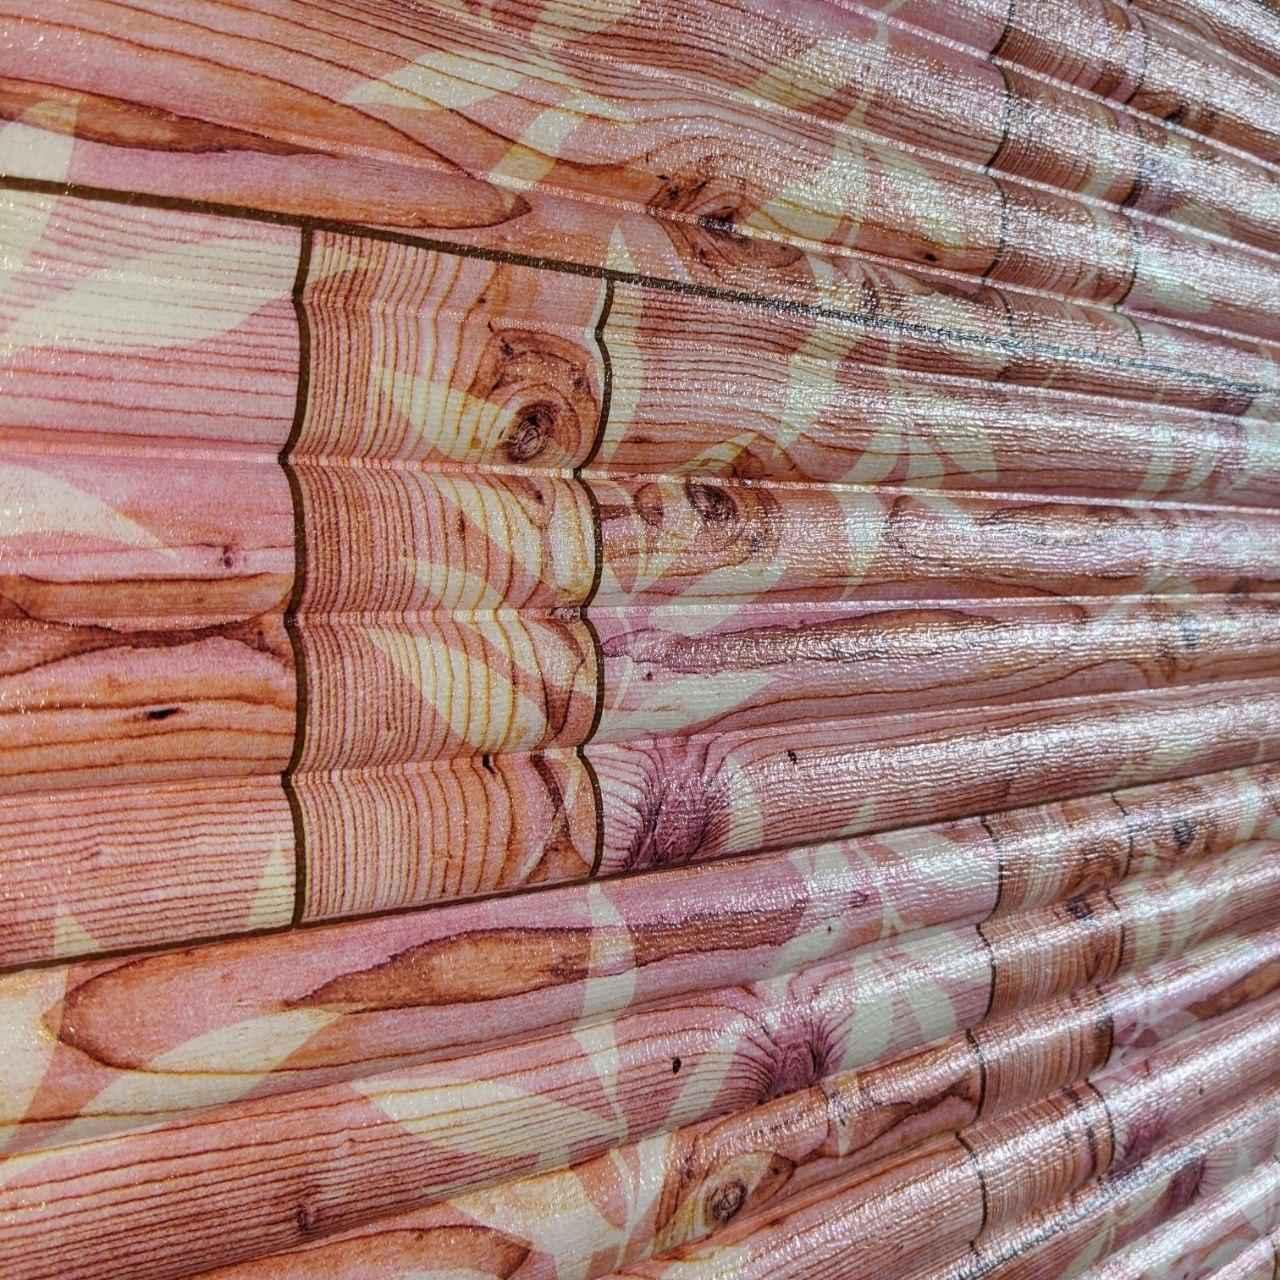 Самоклеящаяся декоративная 3D панель бамбук кладка оранжевый 700x700x9 мм (самоклейка, Мягкие 3D Панели)